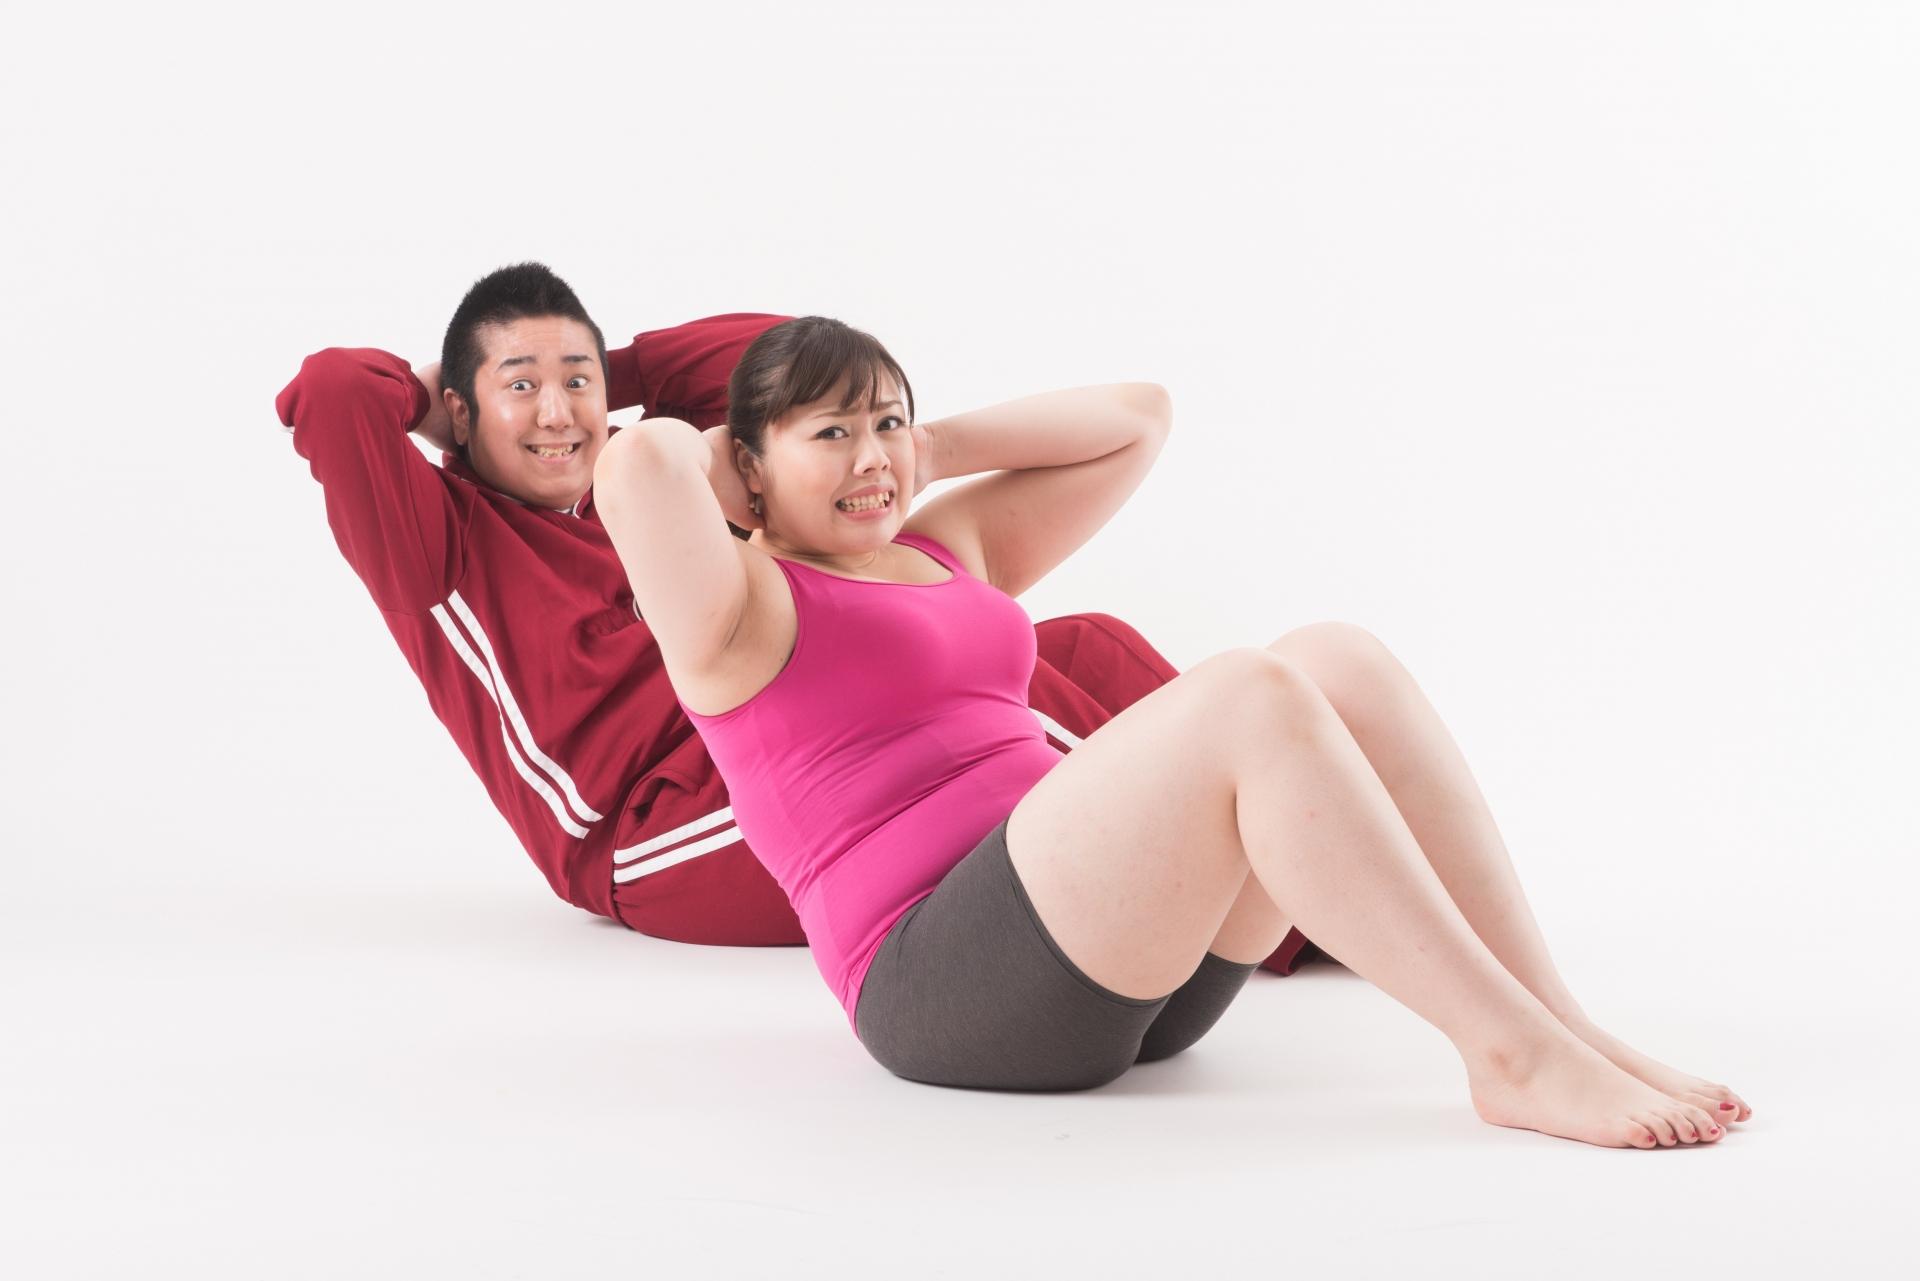 【ダイエット】運動に重きを置くダイエットは成功しない